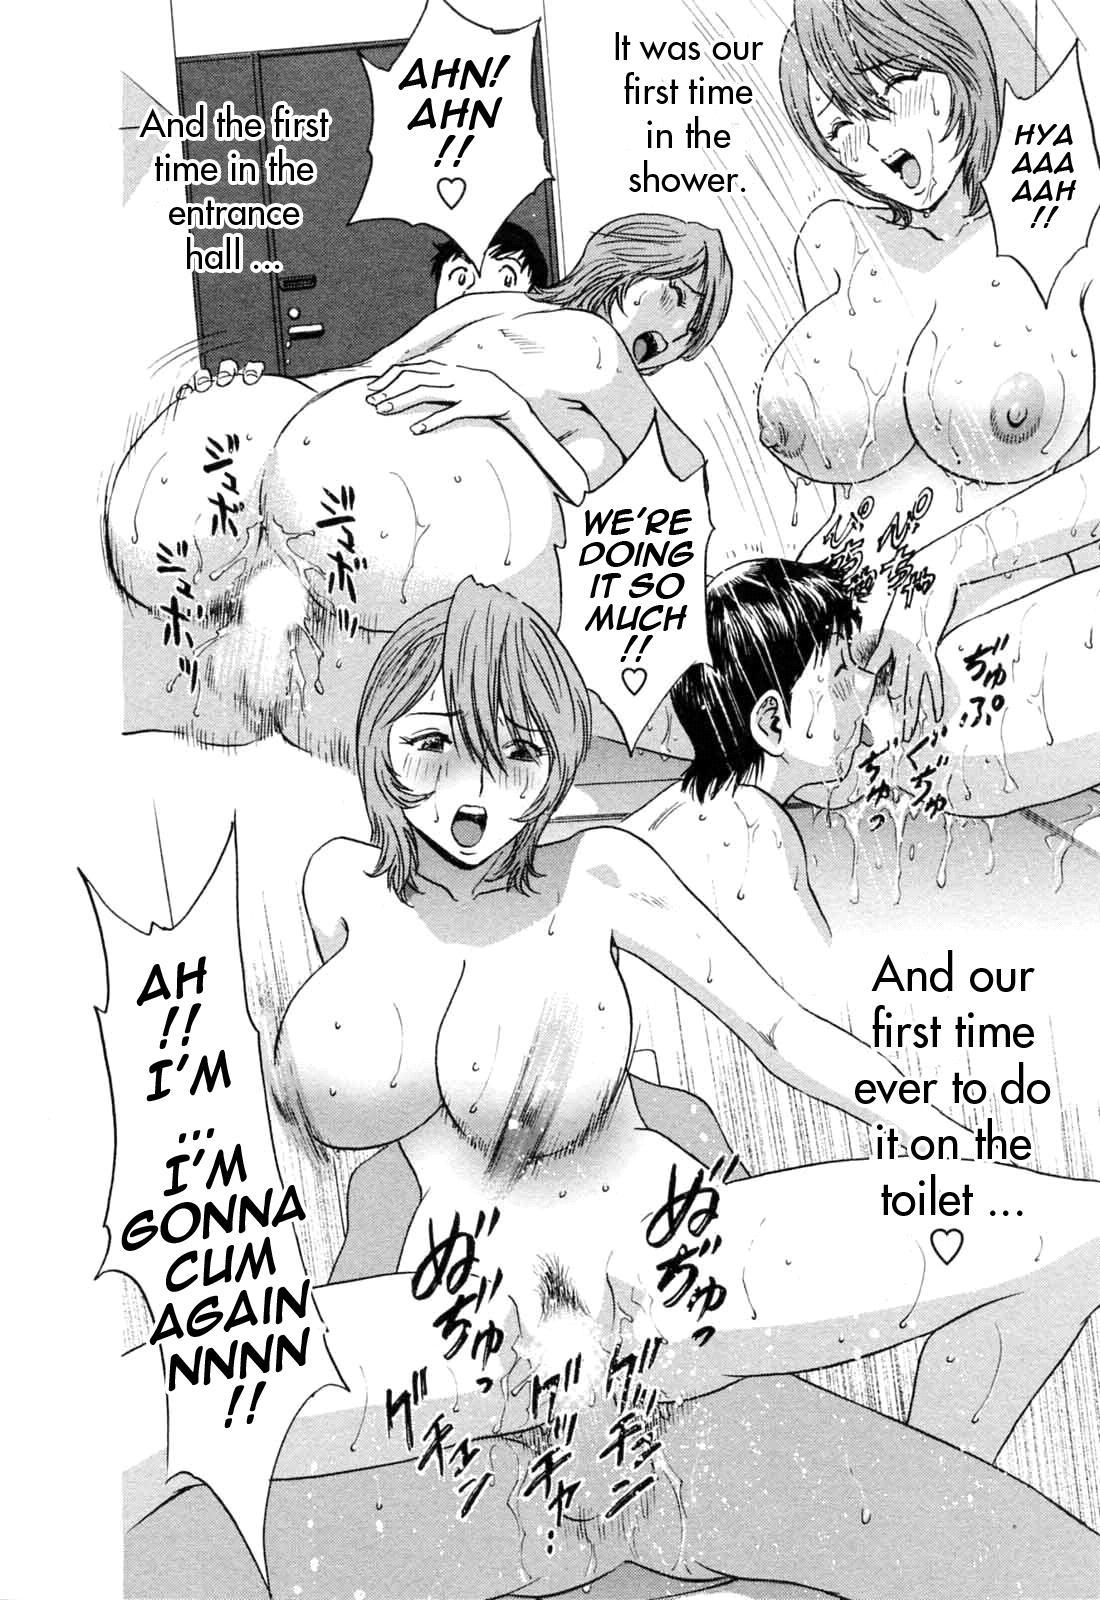 [Hidemaru] Mo-Retsu! Boin Sensei (Boing Boing Teacher) Vol.5 [English] [4dawgz] [Tadanohito] 46